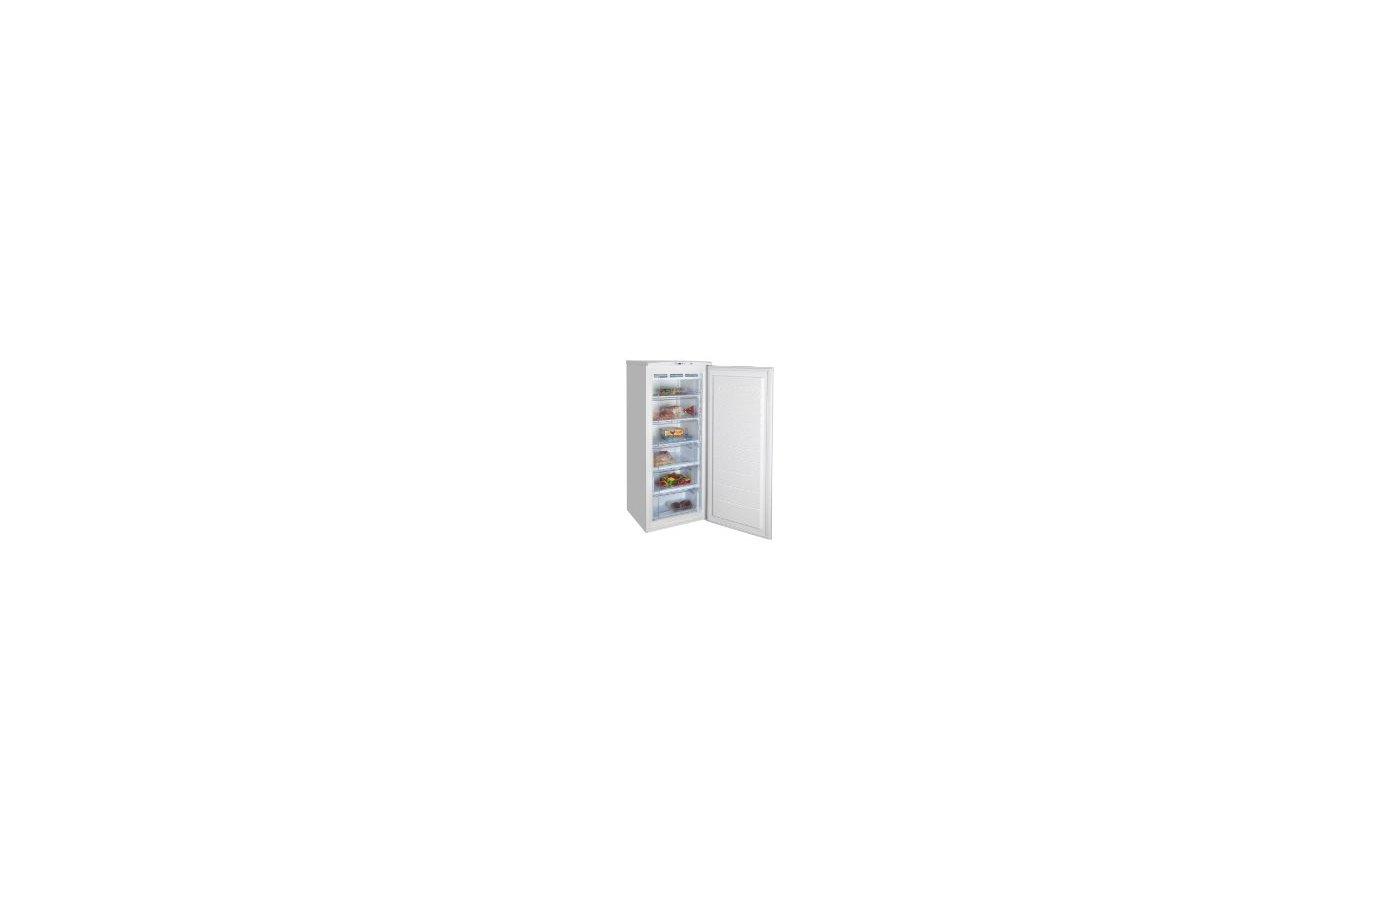 морозильная камера норд 155/3-010 инструкция по применению